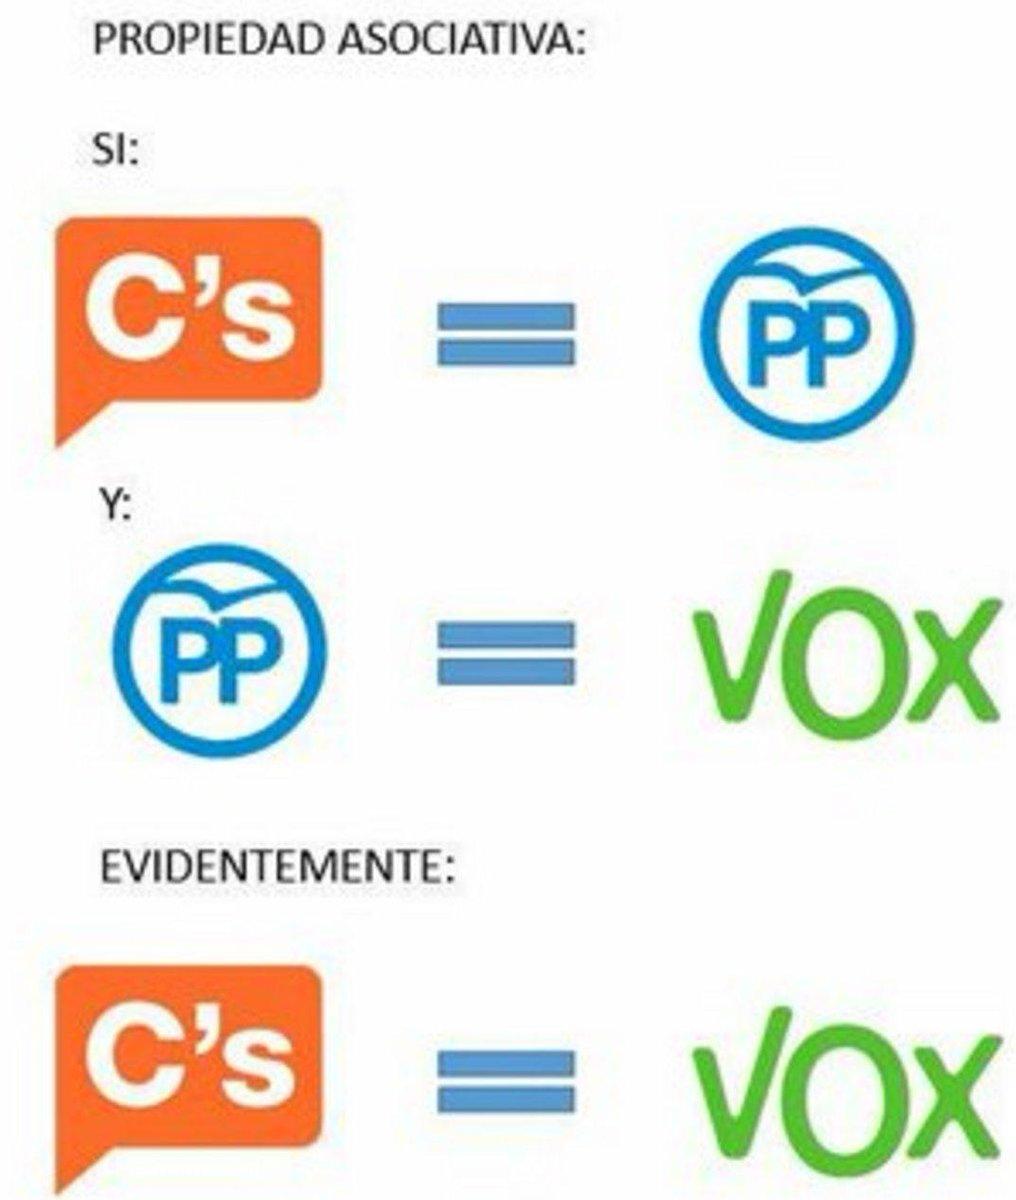 Propiedad asociativa PP=Cs=VOX